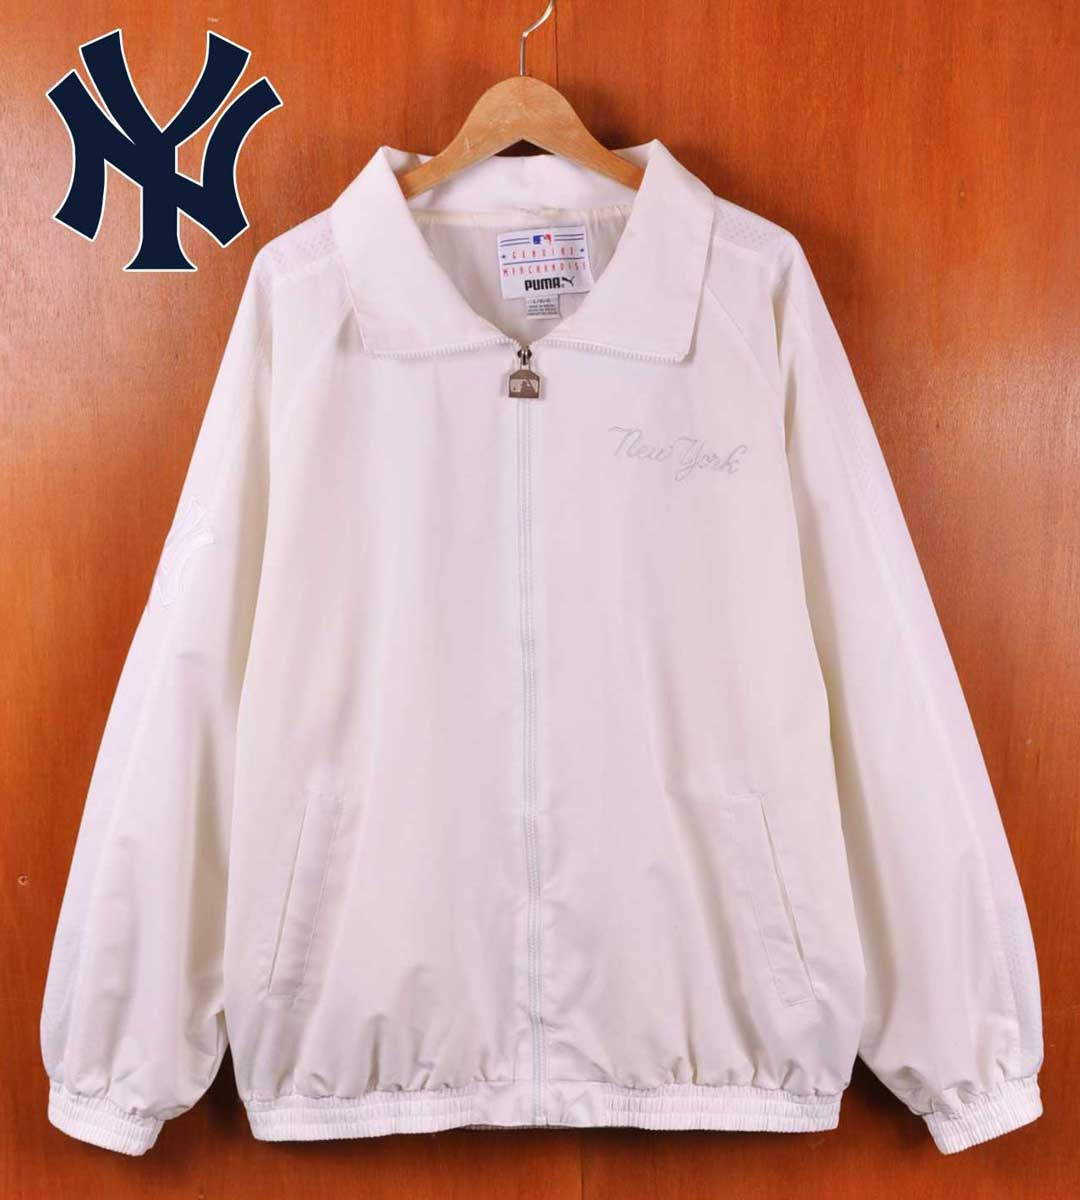 【ビッグサイズ】PUMA プーマ MLB New York Yankees ニューヨーク ヤンキース ナイロンジャケット オールホワイト メンズ2XL相当【中古】▼